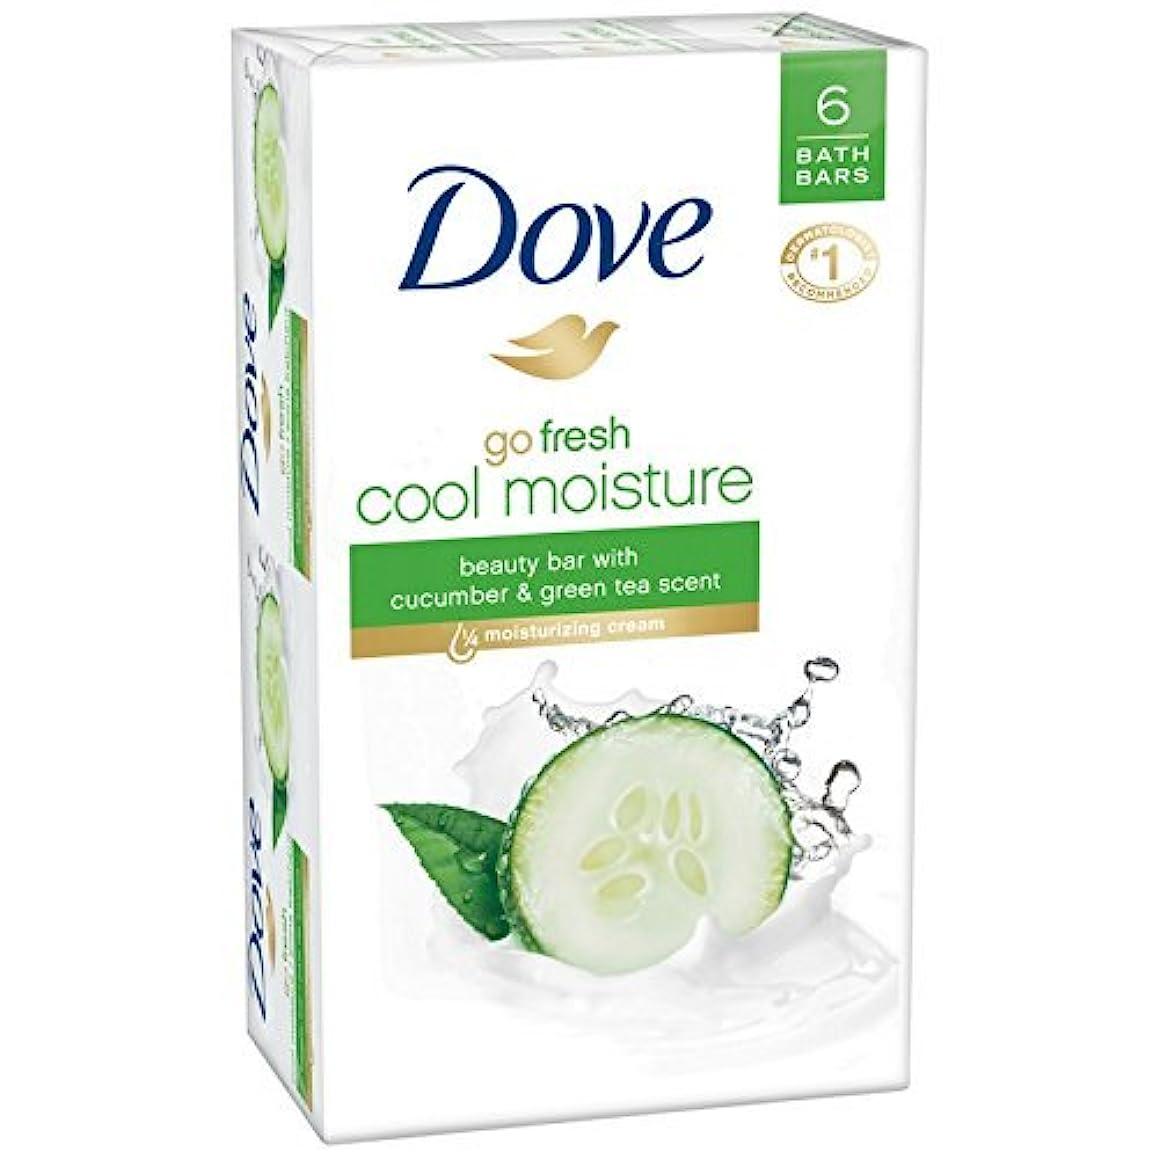 意志に反するアルバニー未使用Dove 新鮮な美しさバーを行く - クールモイスチャー - 4オズ - 6のCtを - 2 Pkを 4オンス6 CT 2 PK キュウリと緑茶